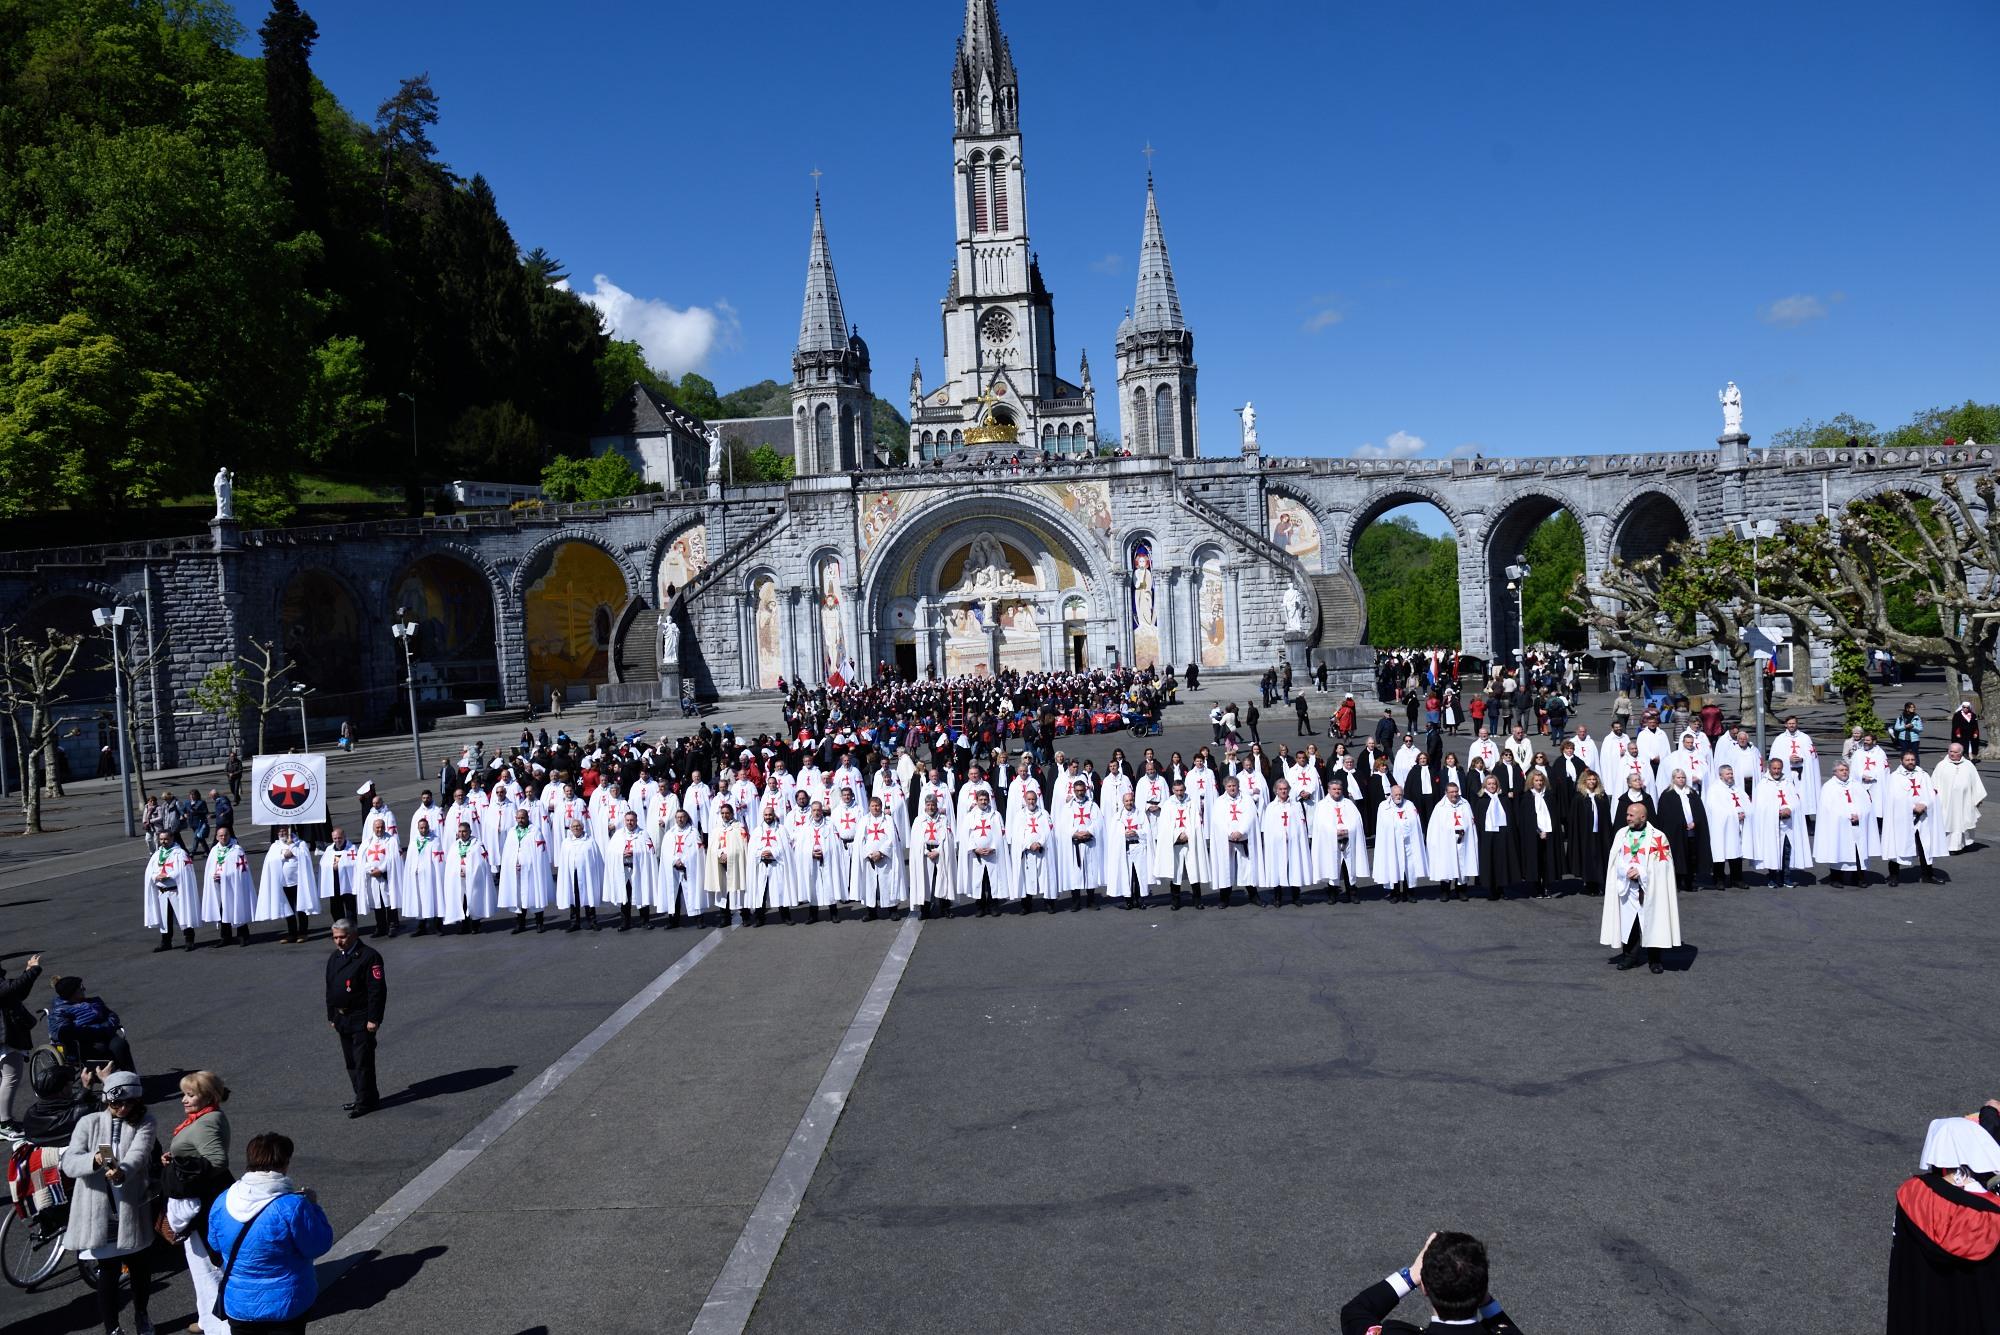 Retraite nationale Templiers Catholiques Lourdes 2019 – 4 – Sainte Messe internationale et prière dans la grotte des apparitions